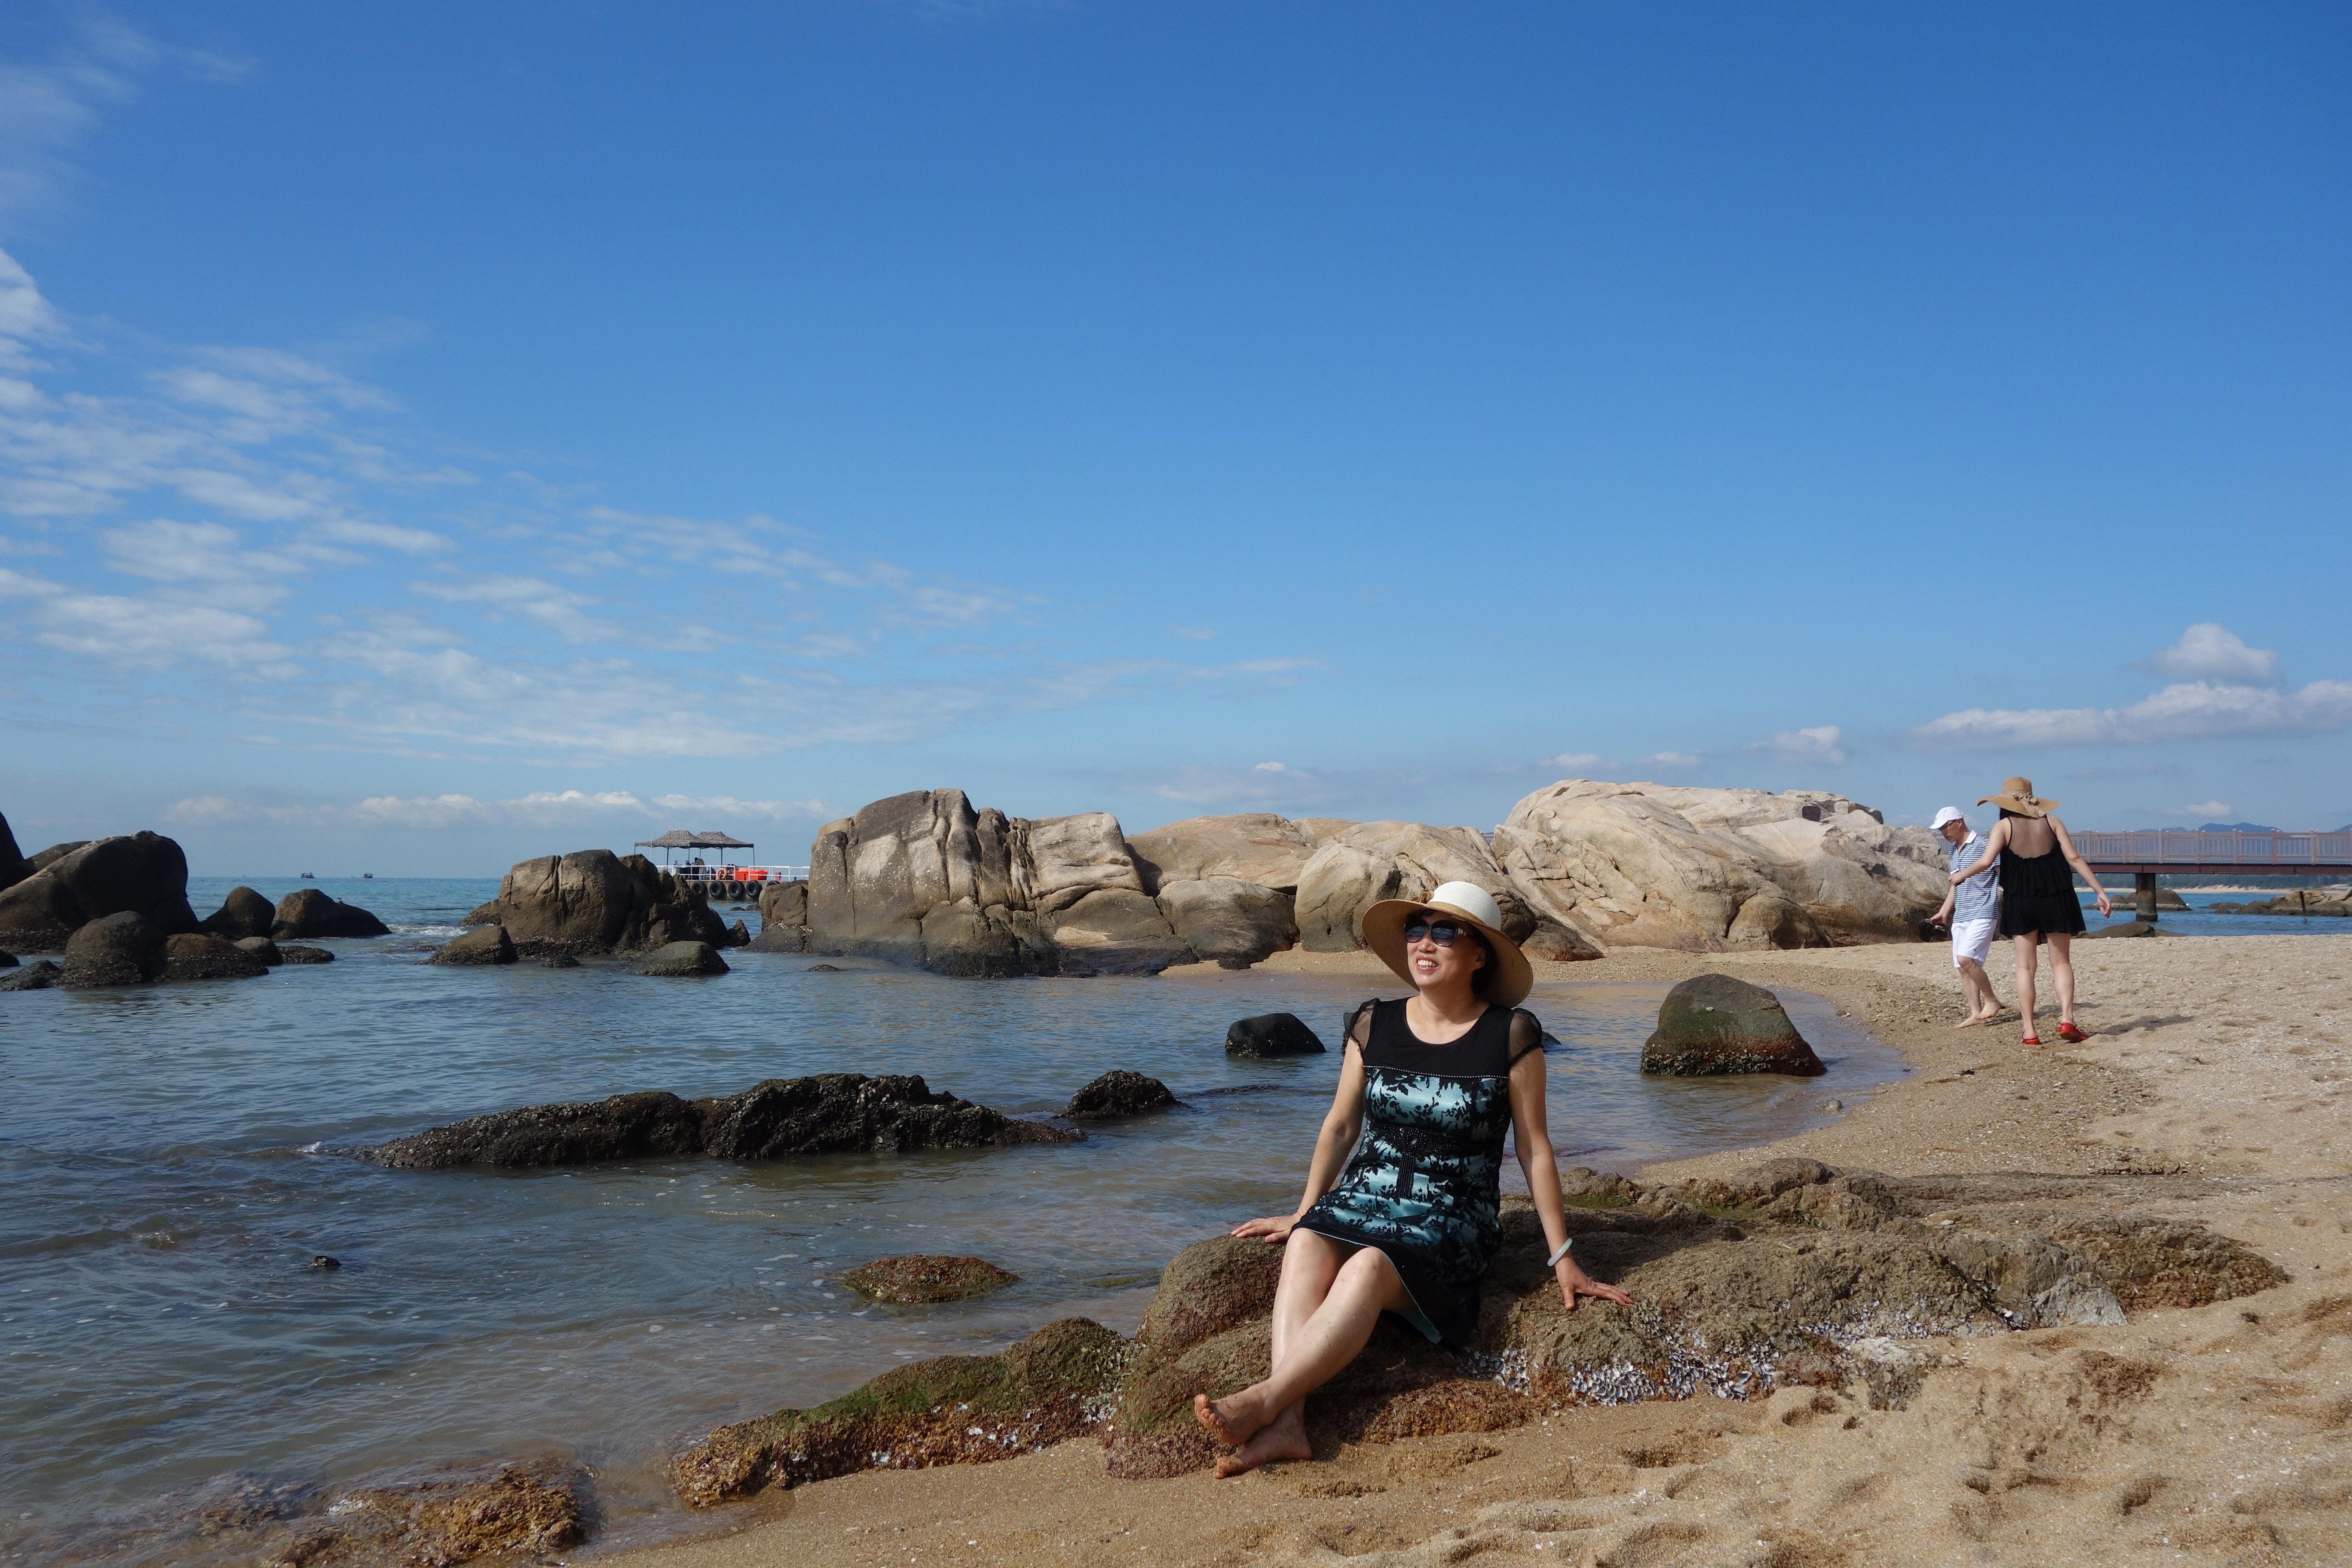 南中国海欢乐海岸椰林沙滩-南中国海